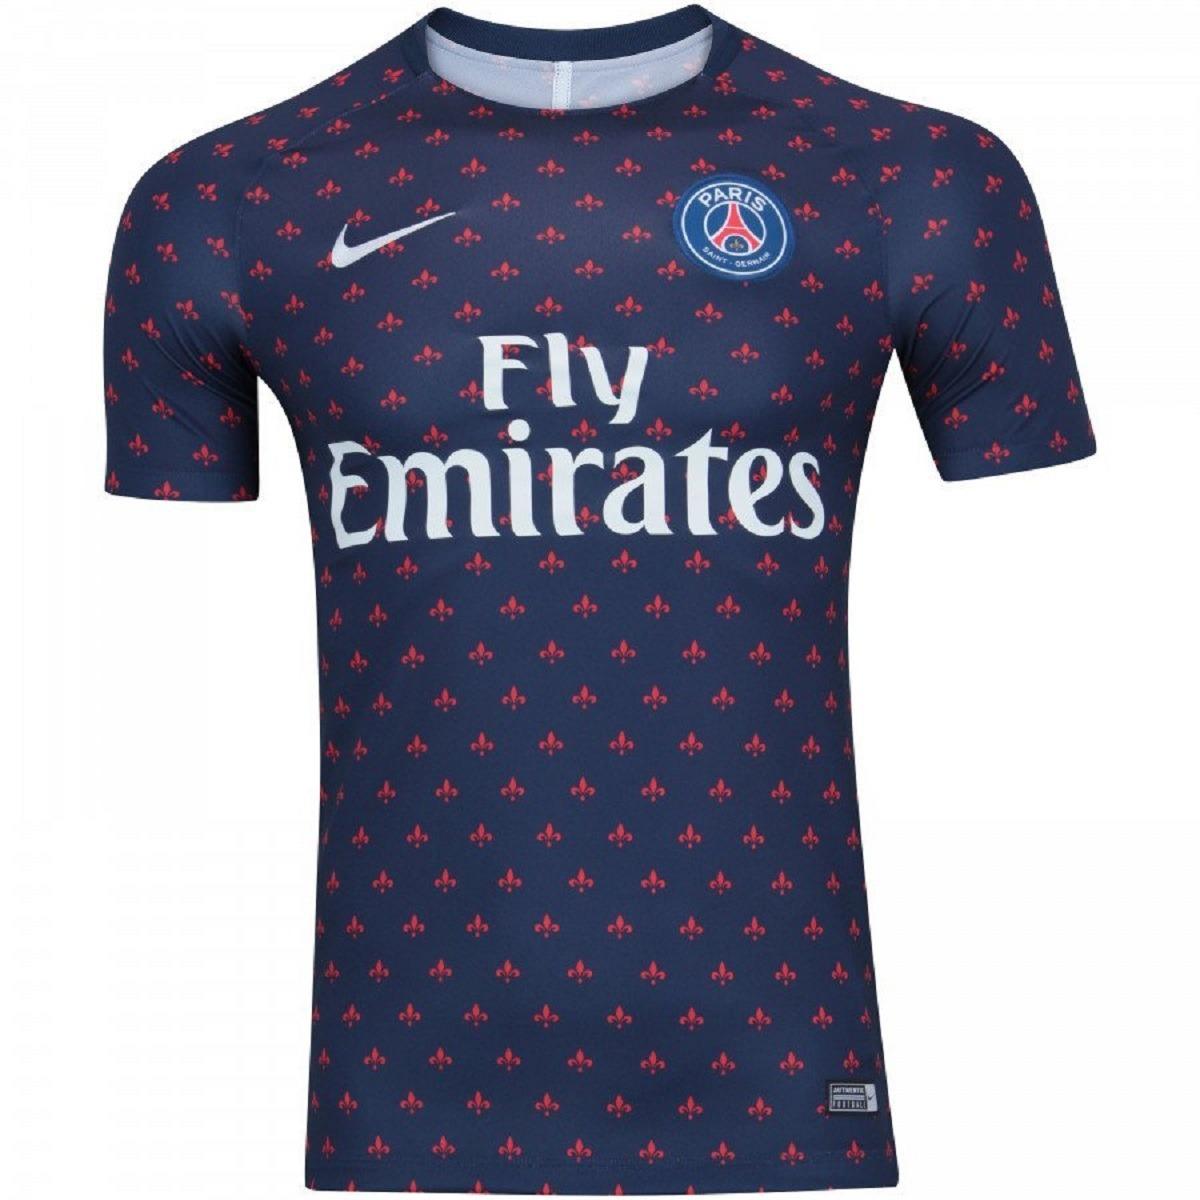 8fe453e13d Camisa Psg Pré Jogo Lançamento 2019 Pronta Entrega - R$ 120,00 em ...